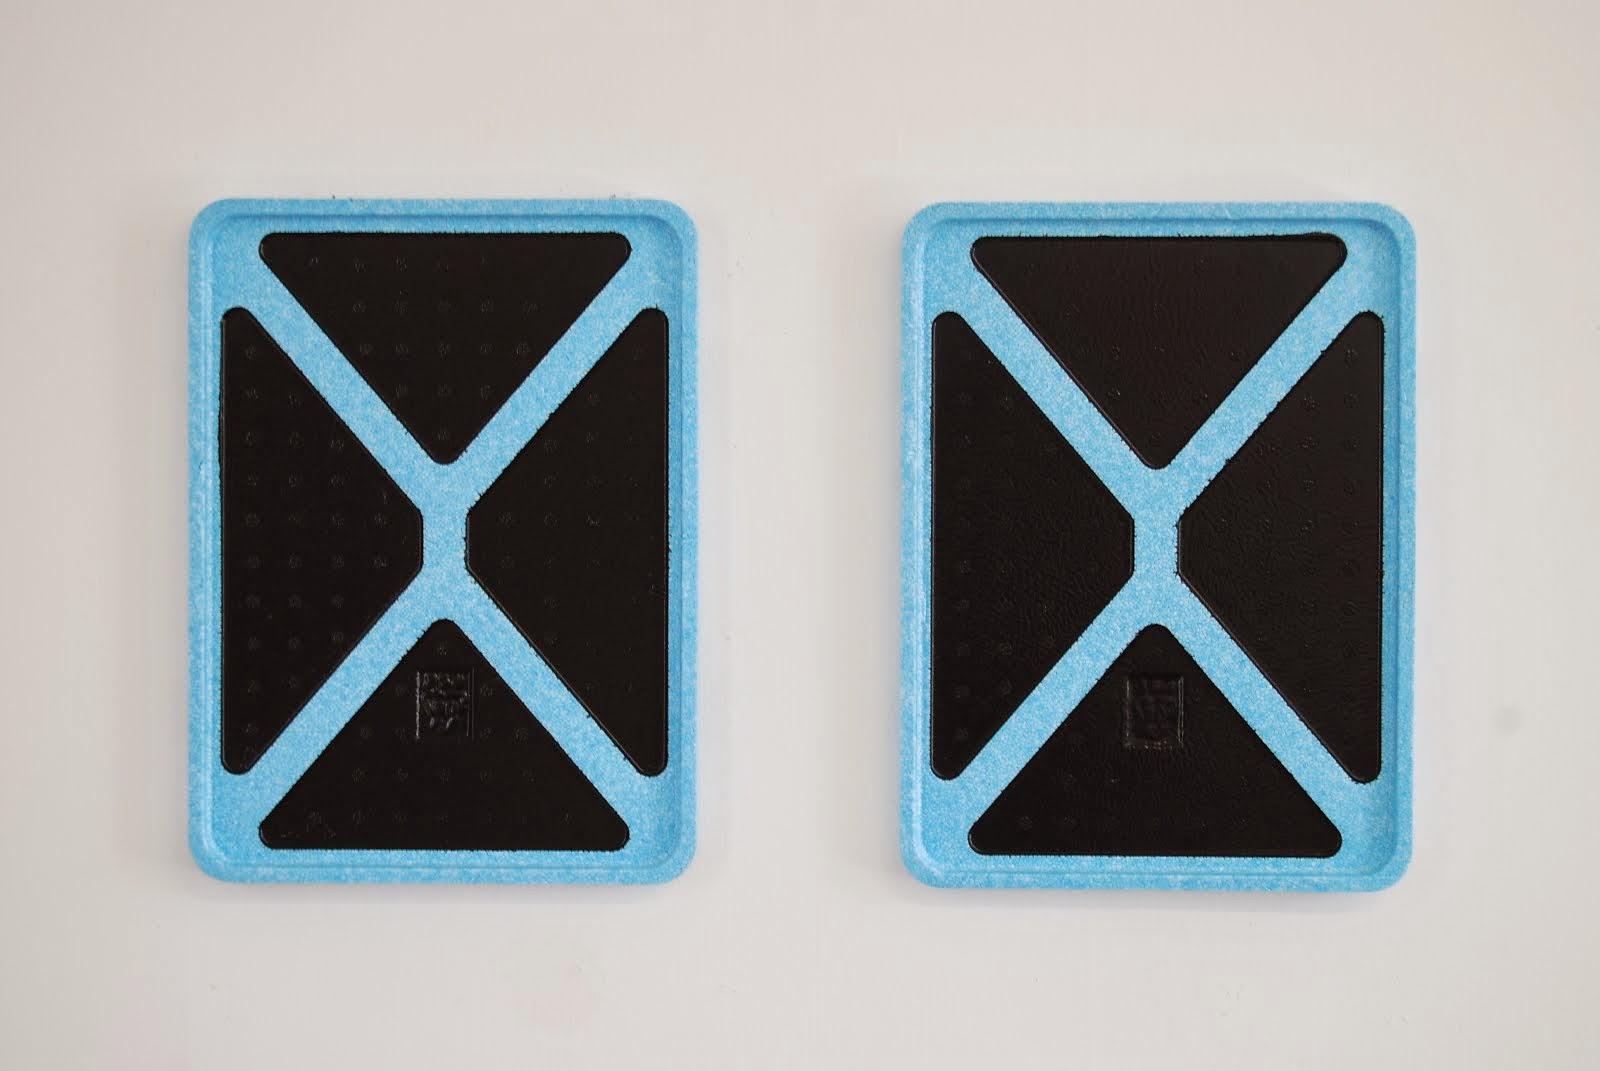 anthony bodin Daurade x 2, 2013, peinture glycérophtalique noire sur polystyrène, 40 x 30 cm chaque